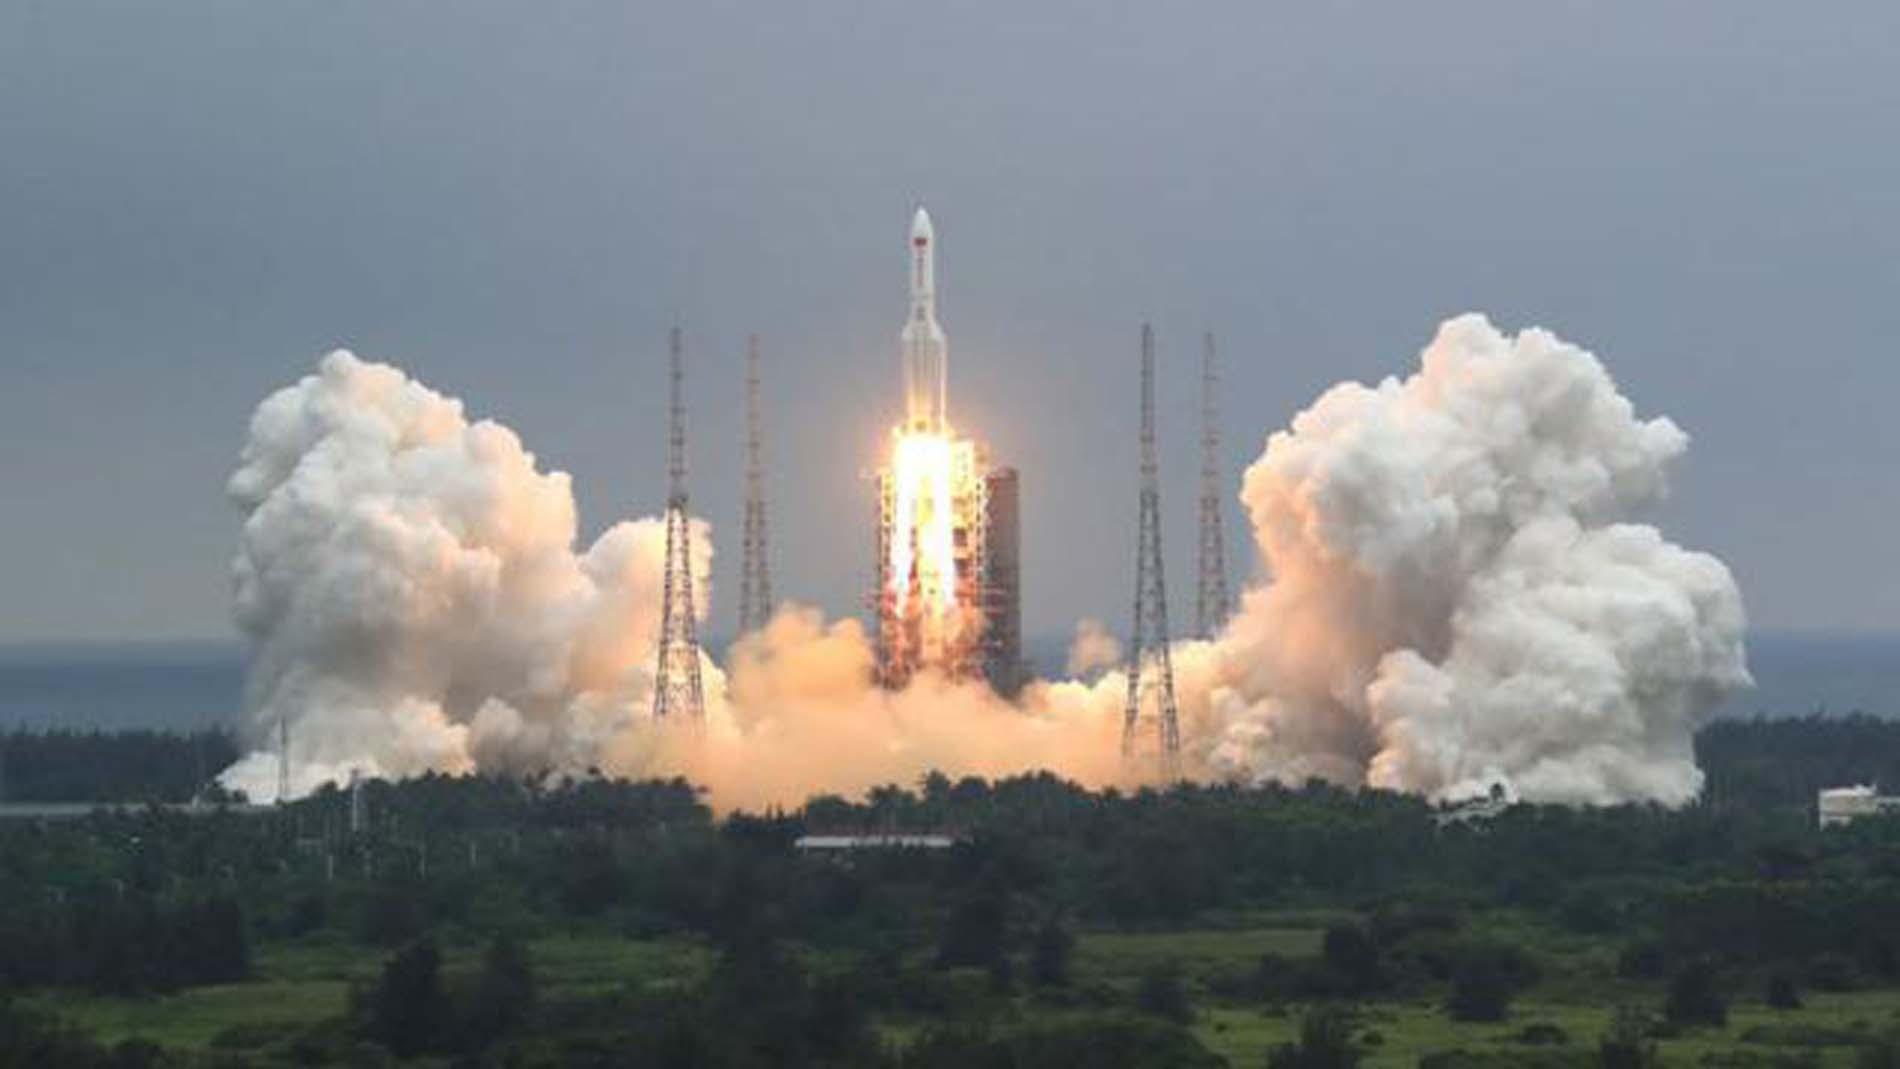 Çin'in uzaya fırlattığı roket, Türkiye'ye de düşebilir! İstanbul ve Ankara tehlikede